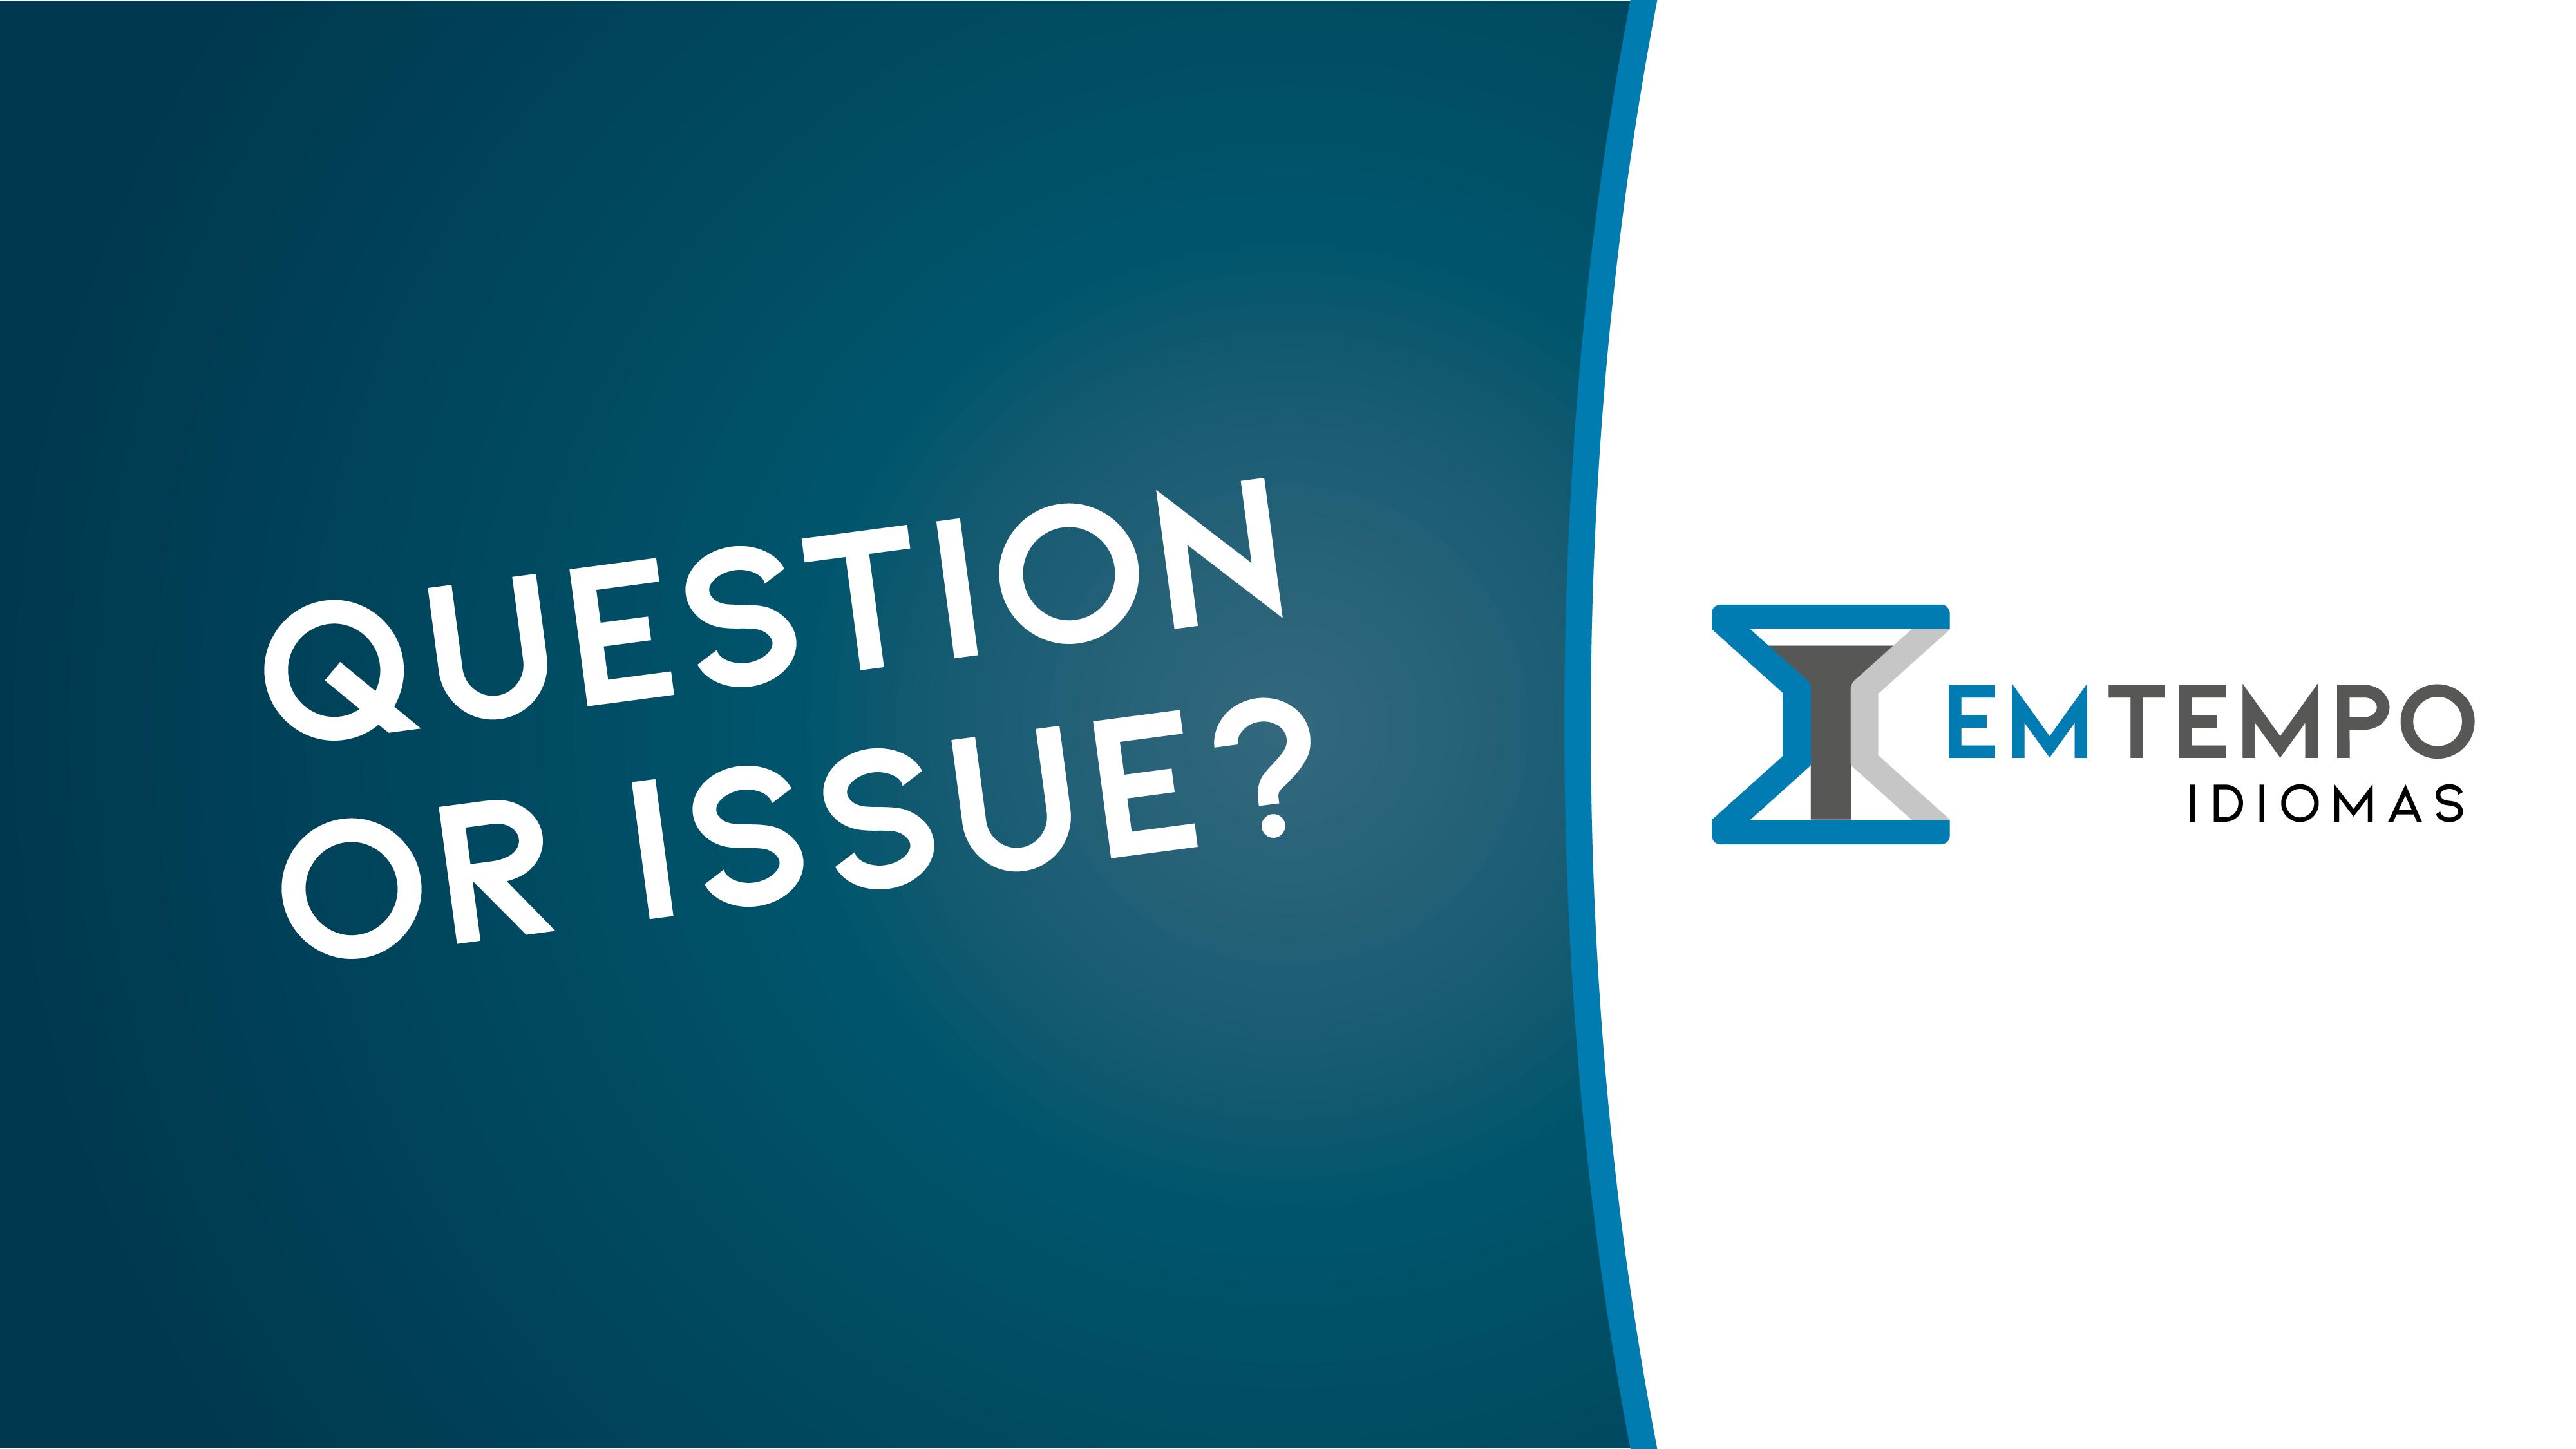 """Qual a diferença entre """"question"""" e """"issue""""?"""